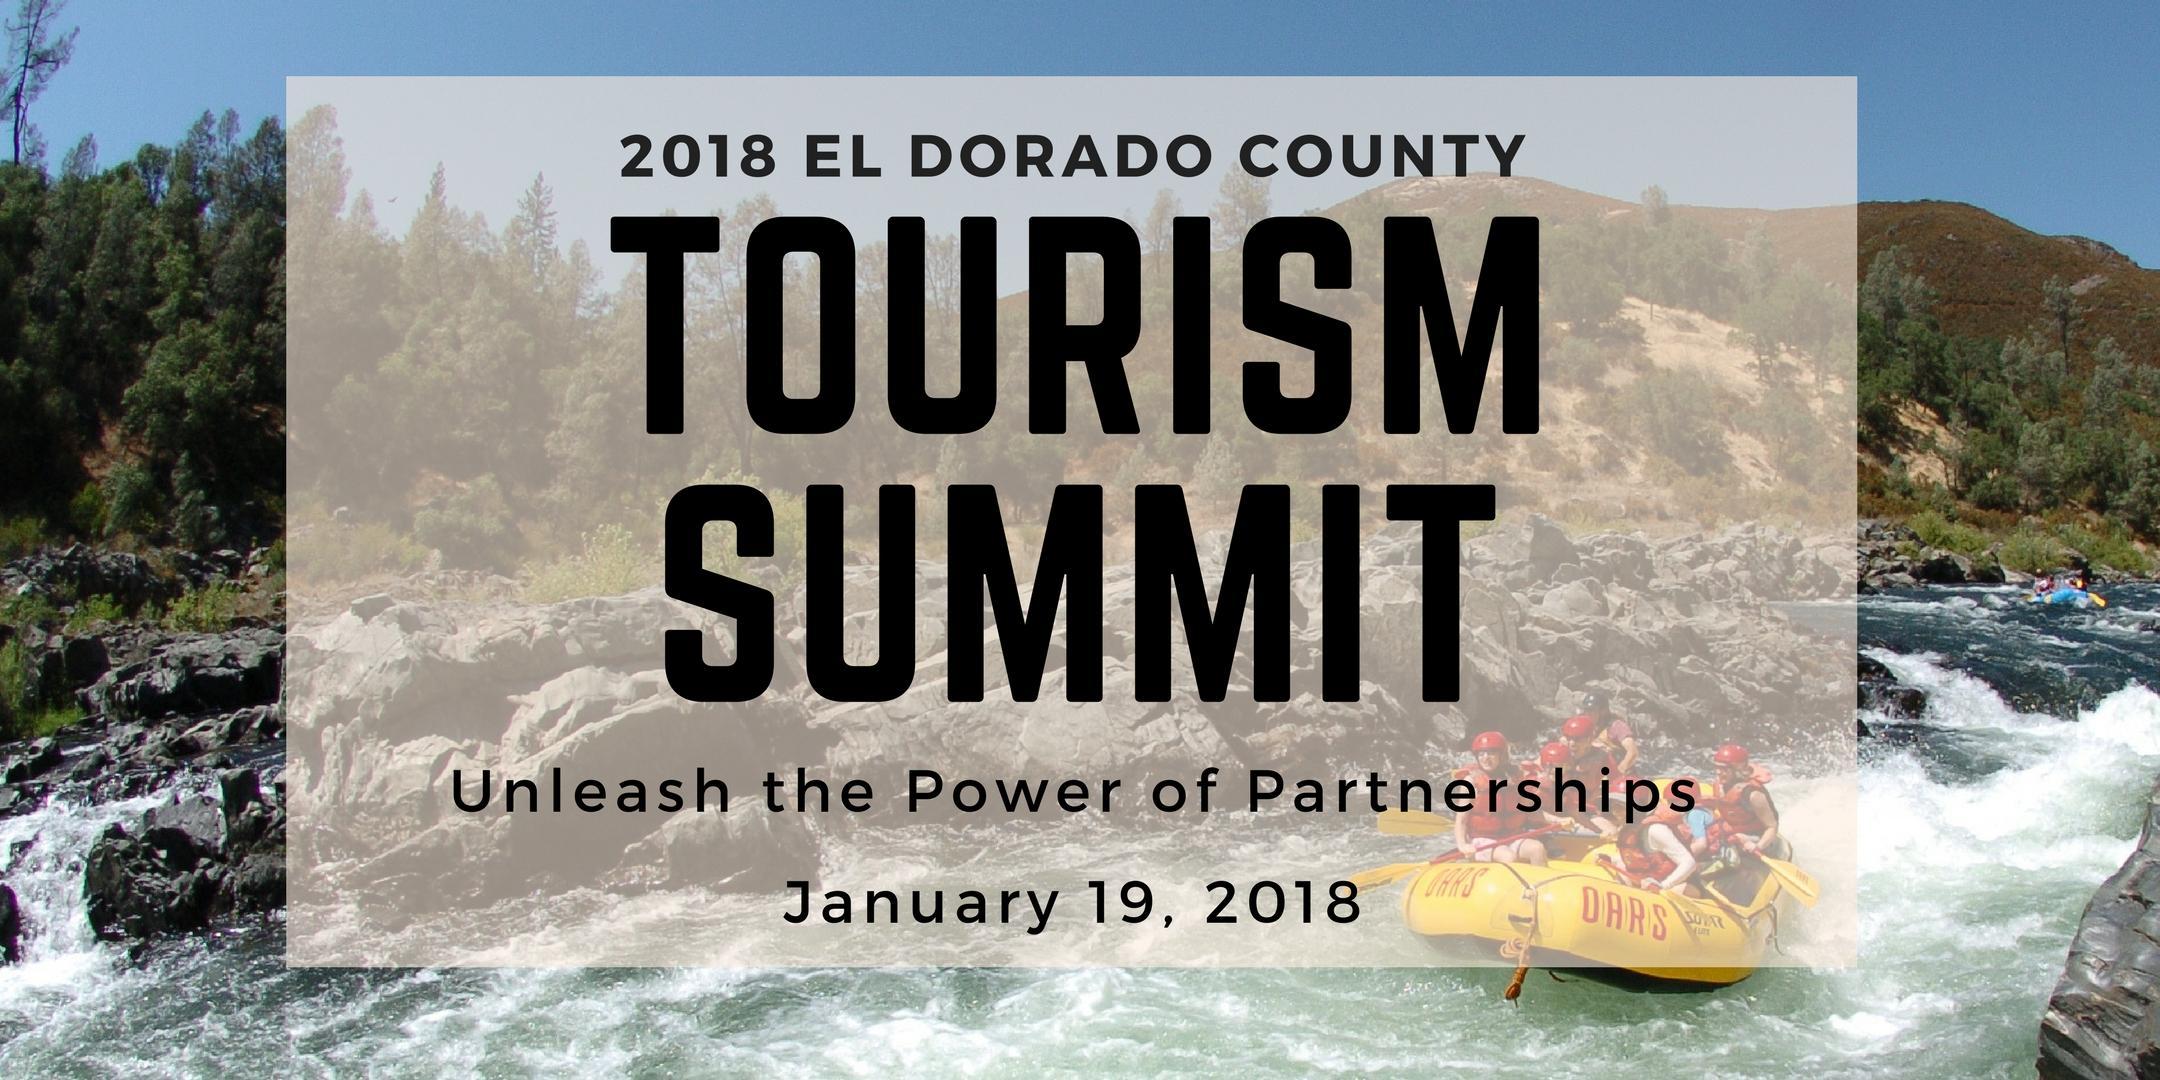 2018 El Dorado County Tourism Summit